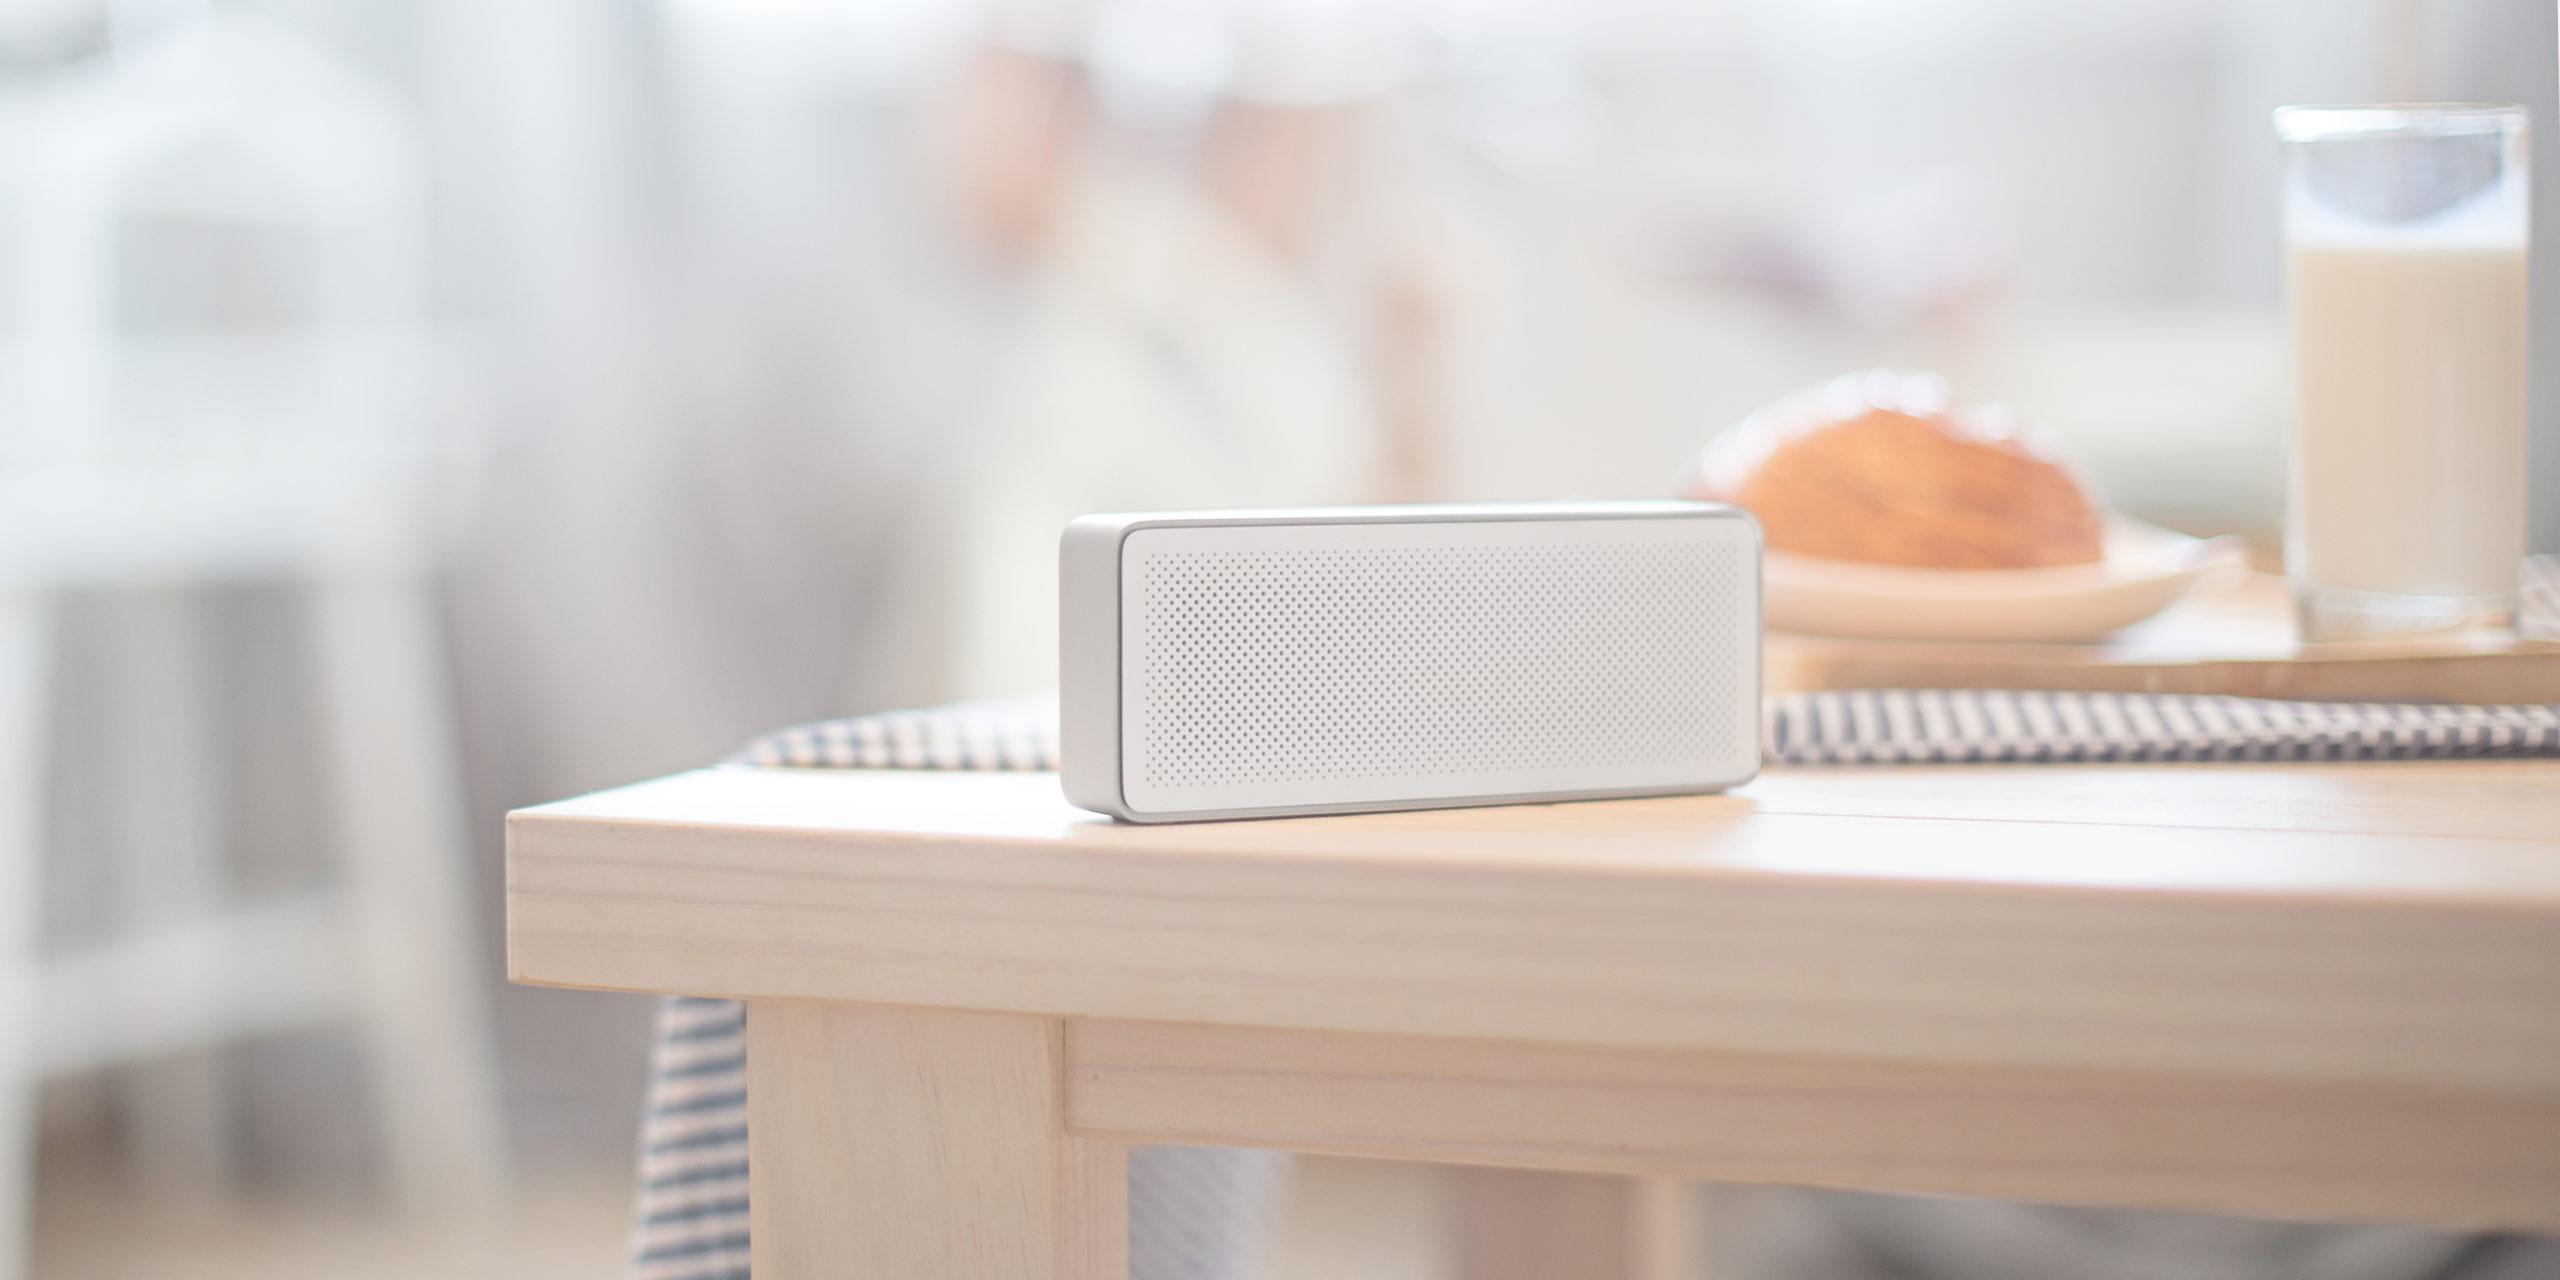 Sforum - Trang thông tin công nghệ mới nhất soundbox2-03 Top 5 loa di động dưới 1 triệu đáng mua nhất nếu muốn mang đi du lịch